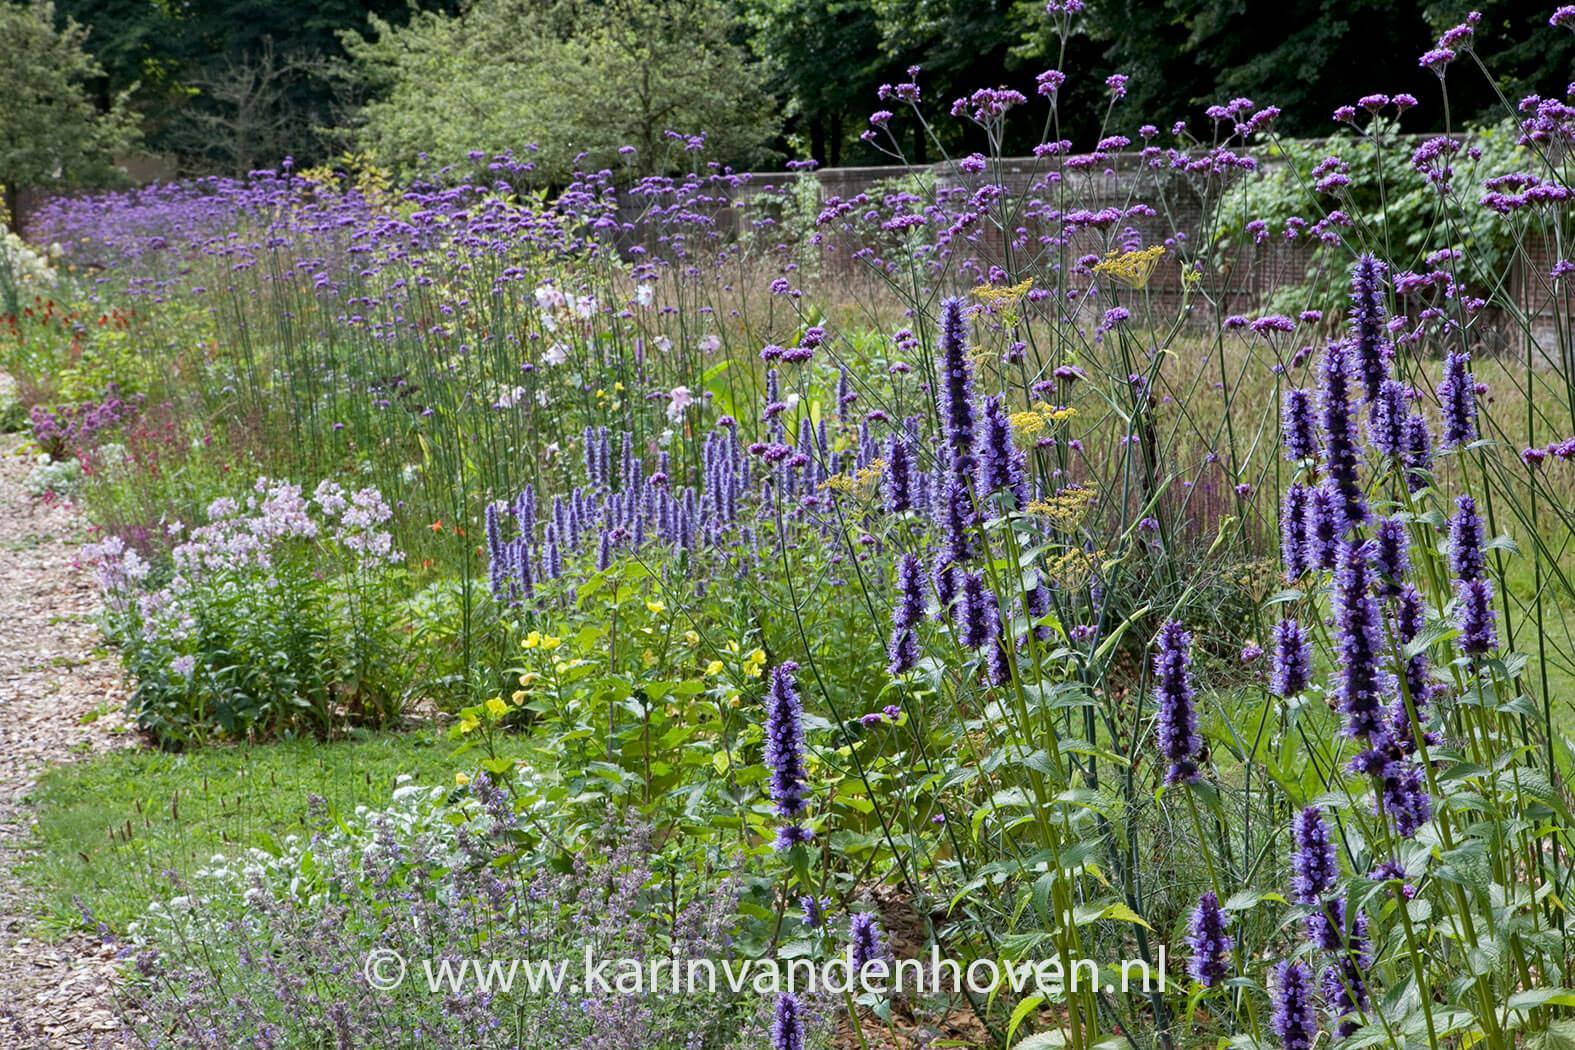 Vlinders zie je minder dan vroeger. Een vlindervriendelijke aanleg en inrichting van je tuin kunnen de natuur een handje helpen. Met nectarrijke planten kun je vlinders lokken naar je tuin.